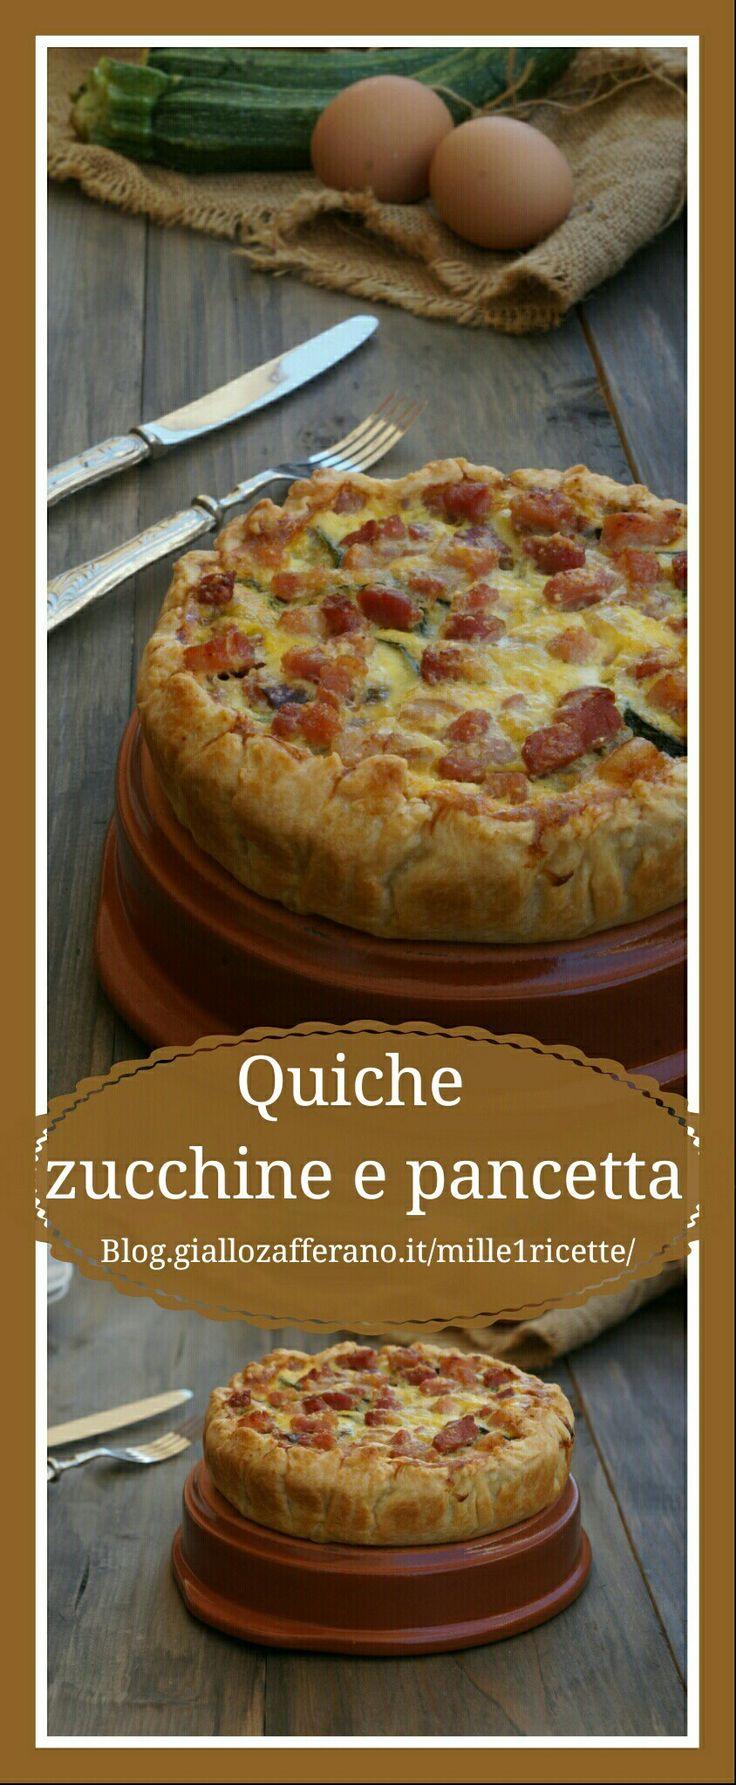 Torta salata ripiena di zucchine e pancetta  Buonissima assaggia http://blog.giallozafferano.it/mille1ricette/quiche-zucchine-pancetta/